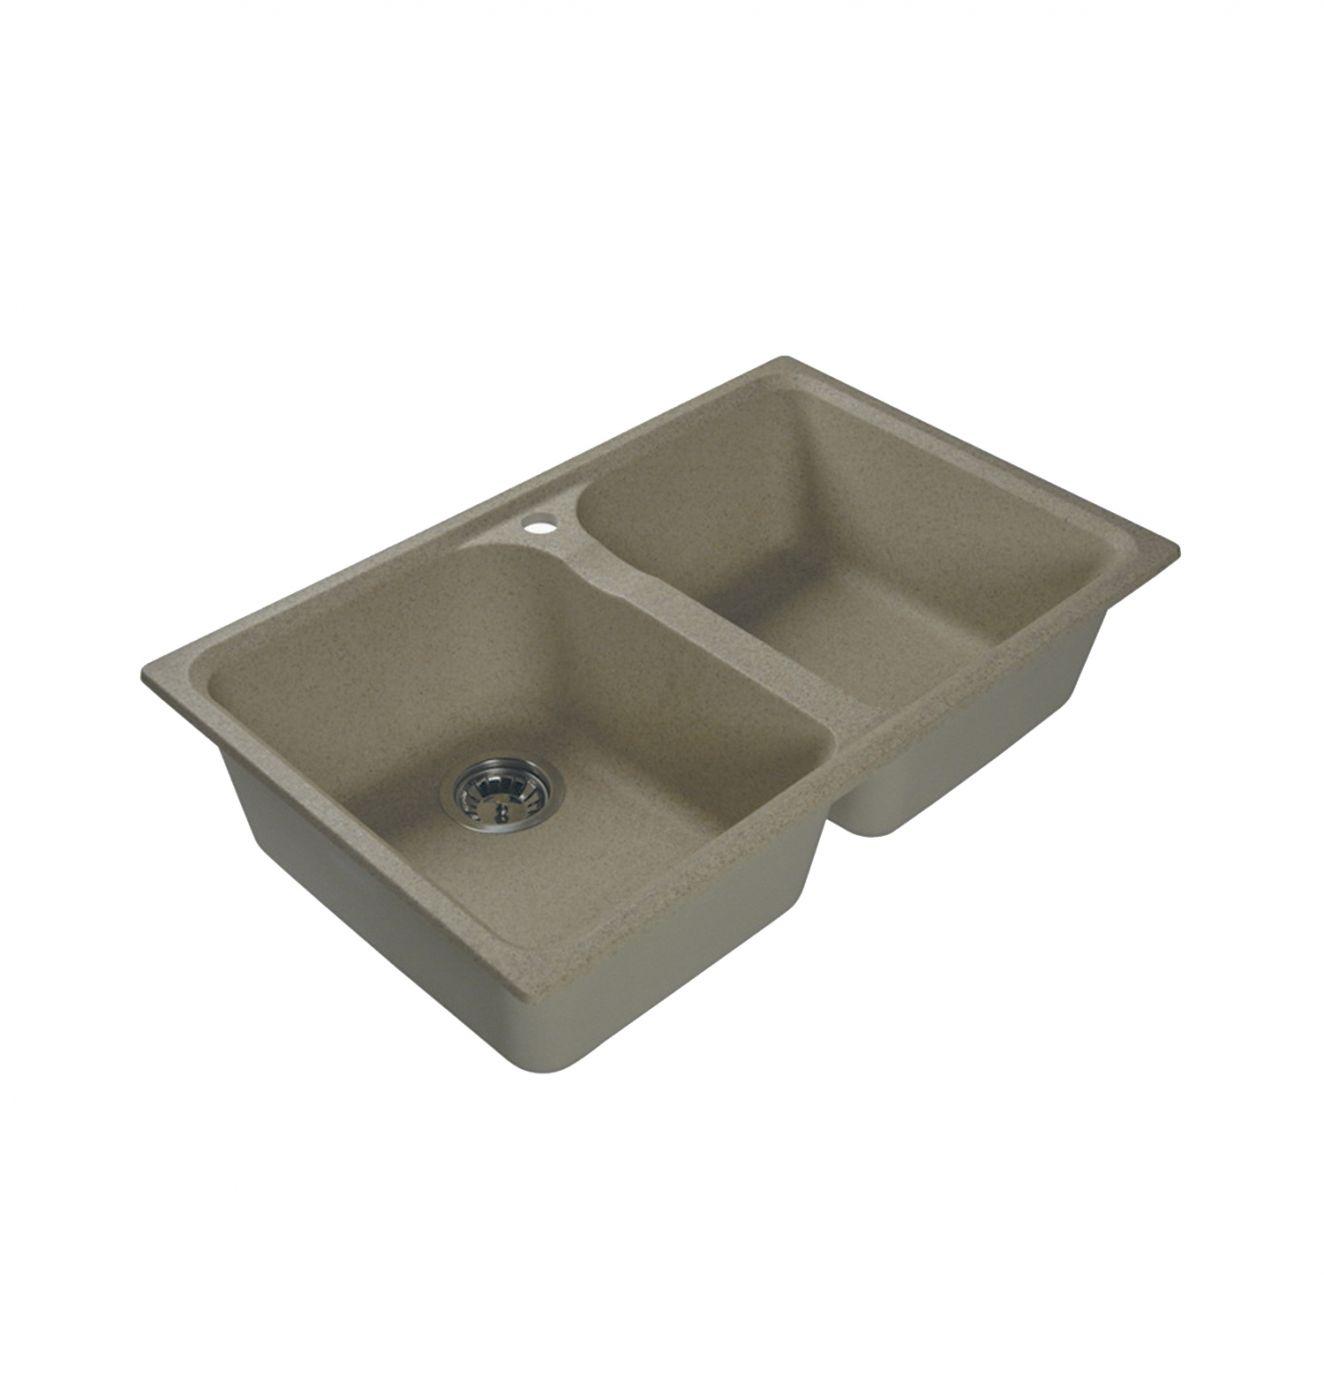 Врезная кухонная мойка LEX Constance 780 Sand  78х49см искусственный мрамор RULE000125